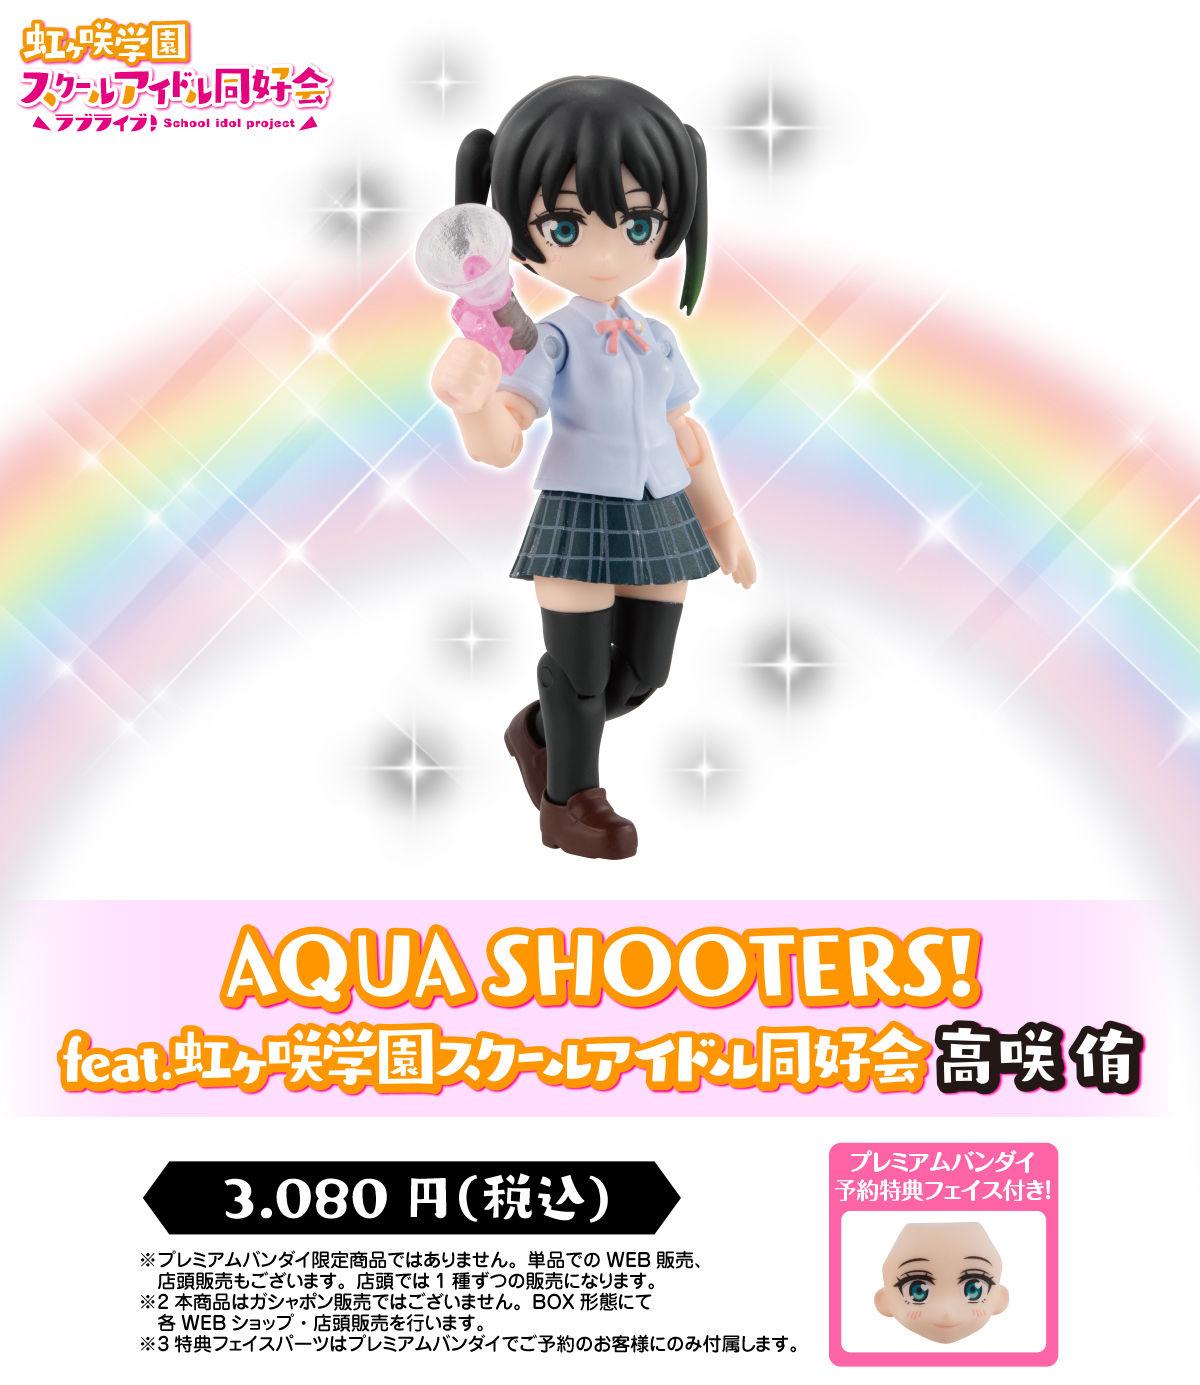 アクアシューターズ!『AQUA SHOOTERS! feat.虹ヶ咲学園スクールアイドル同好会01』3個入りBOX-010